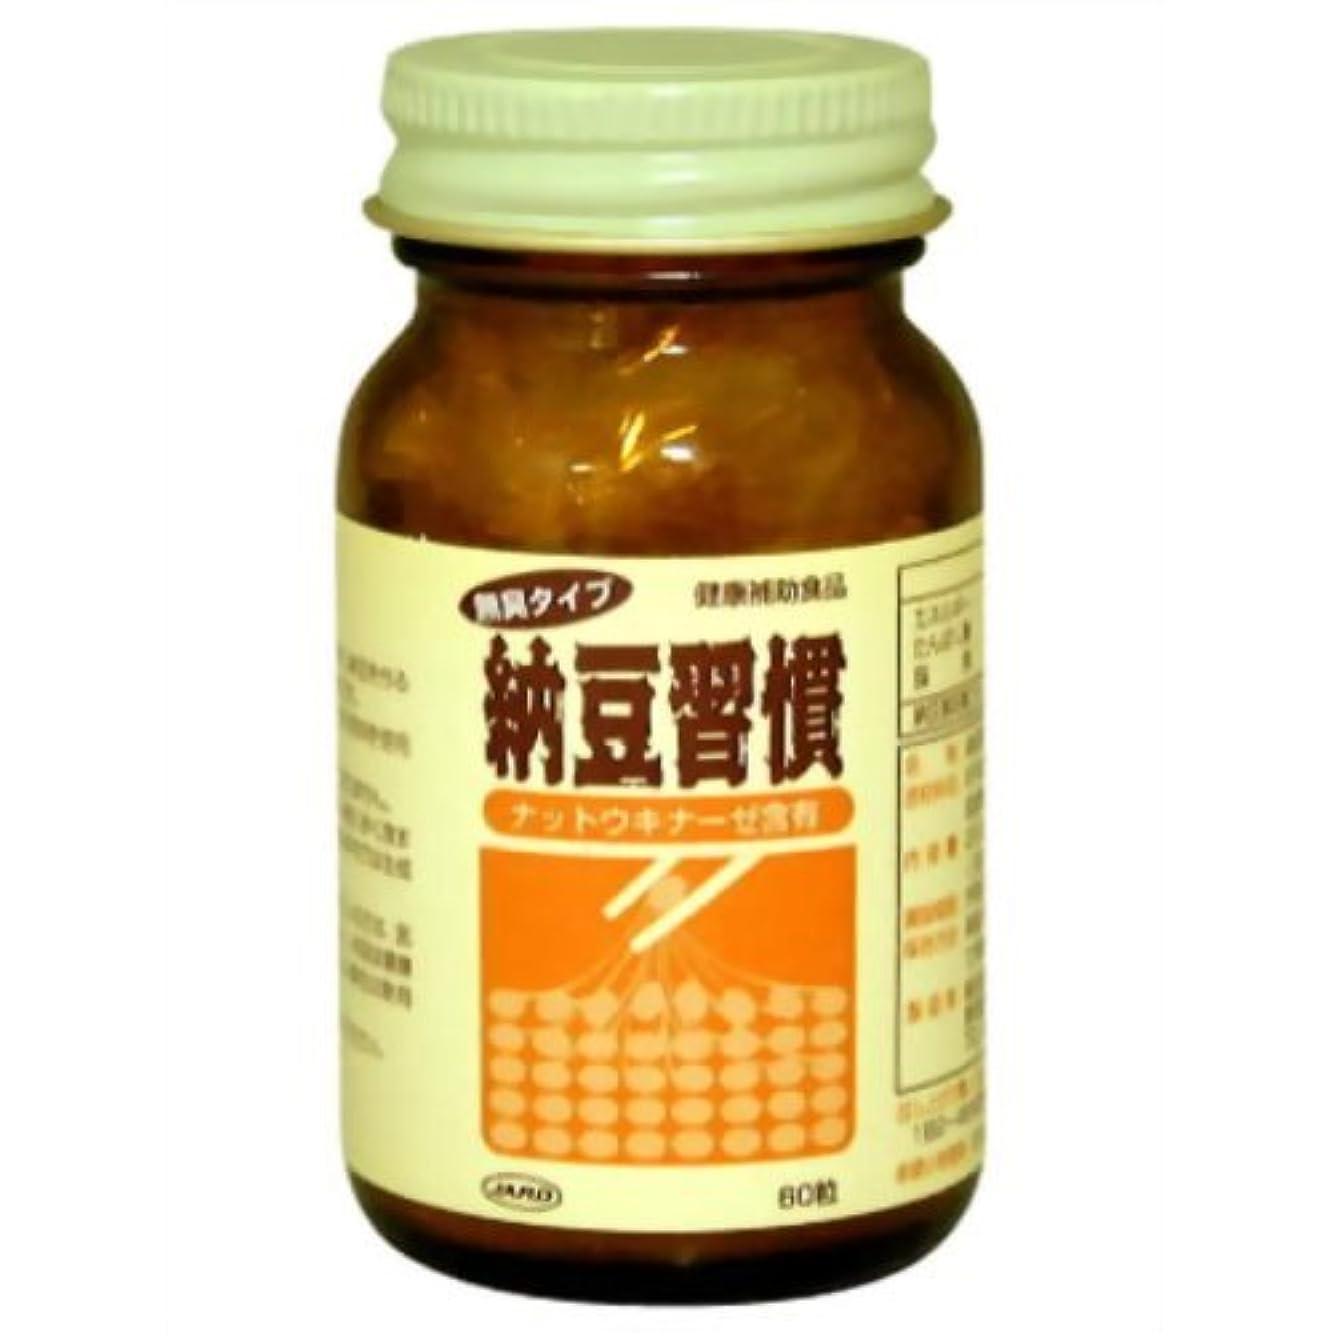 毛布熟達提供する納豆習慣 ナットウキナーゼ含有